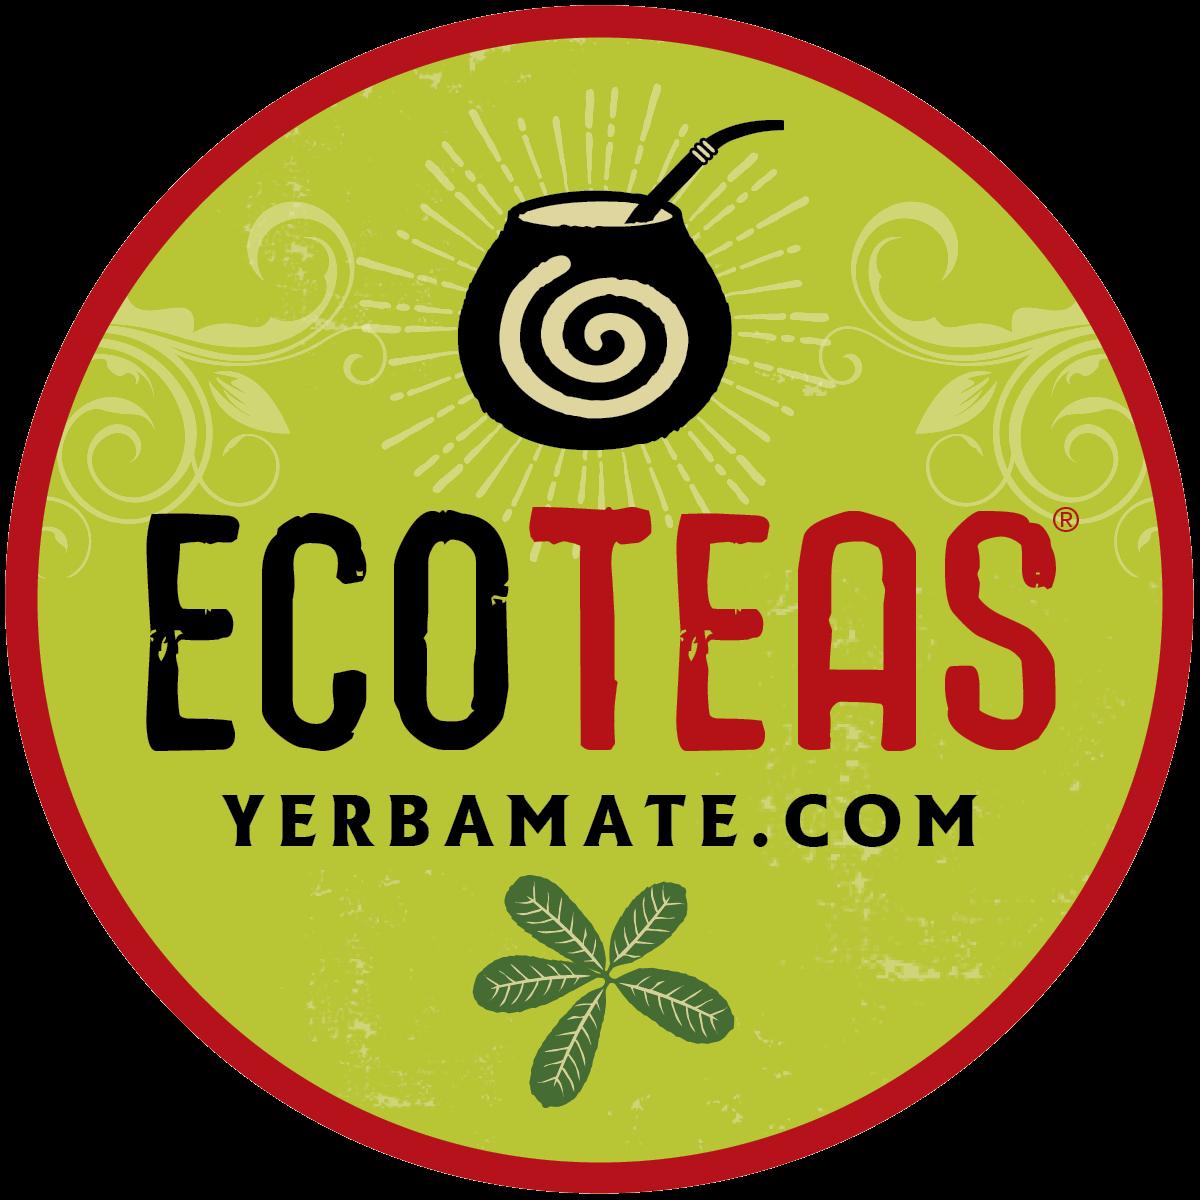 ECOTEAS YerbaMate.com Logo.png